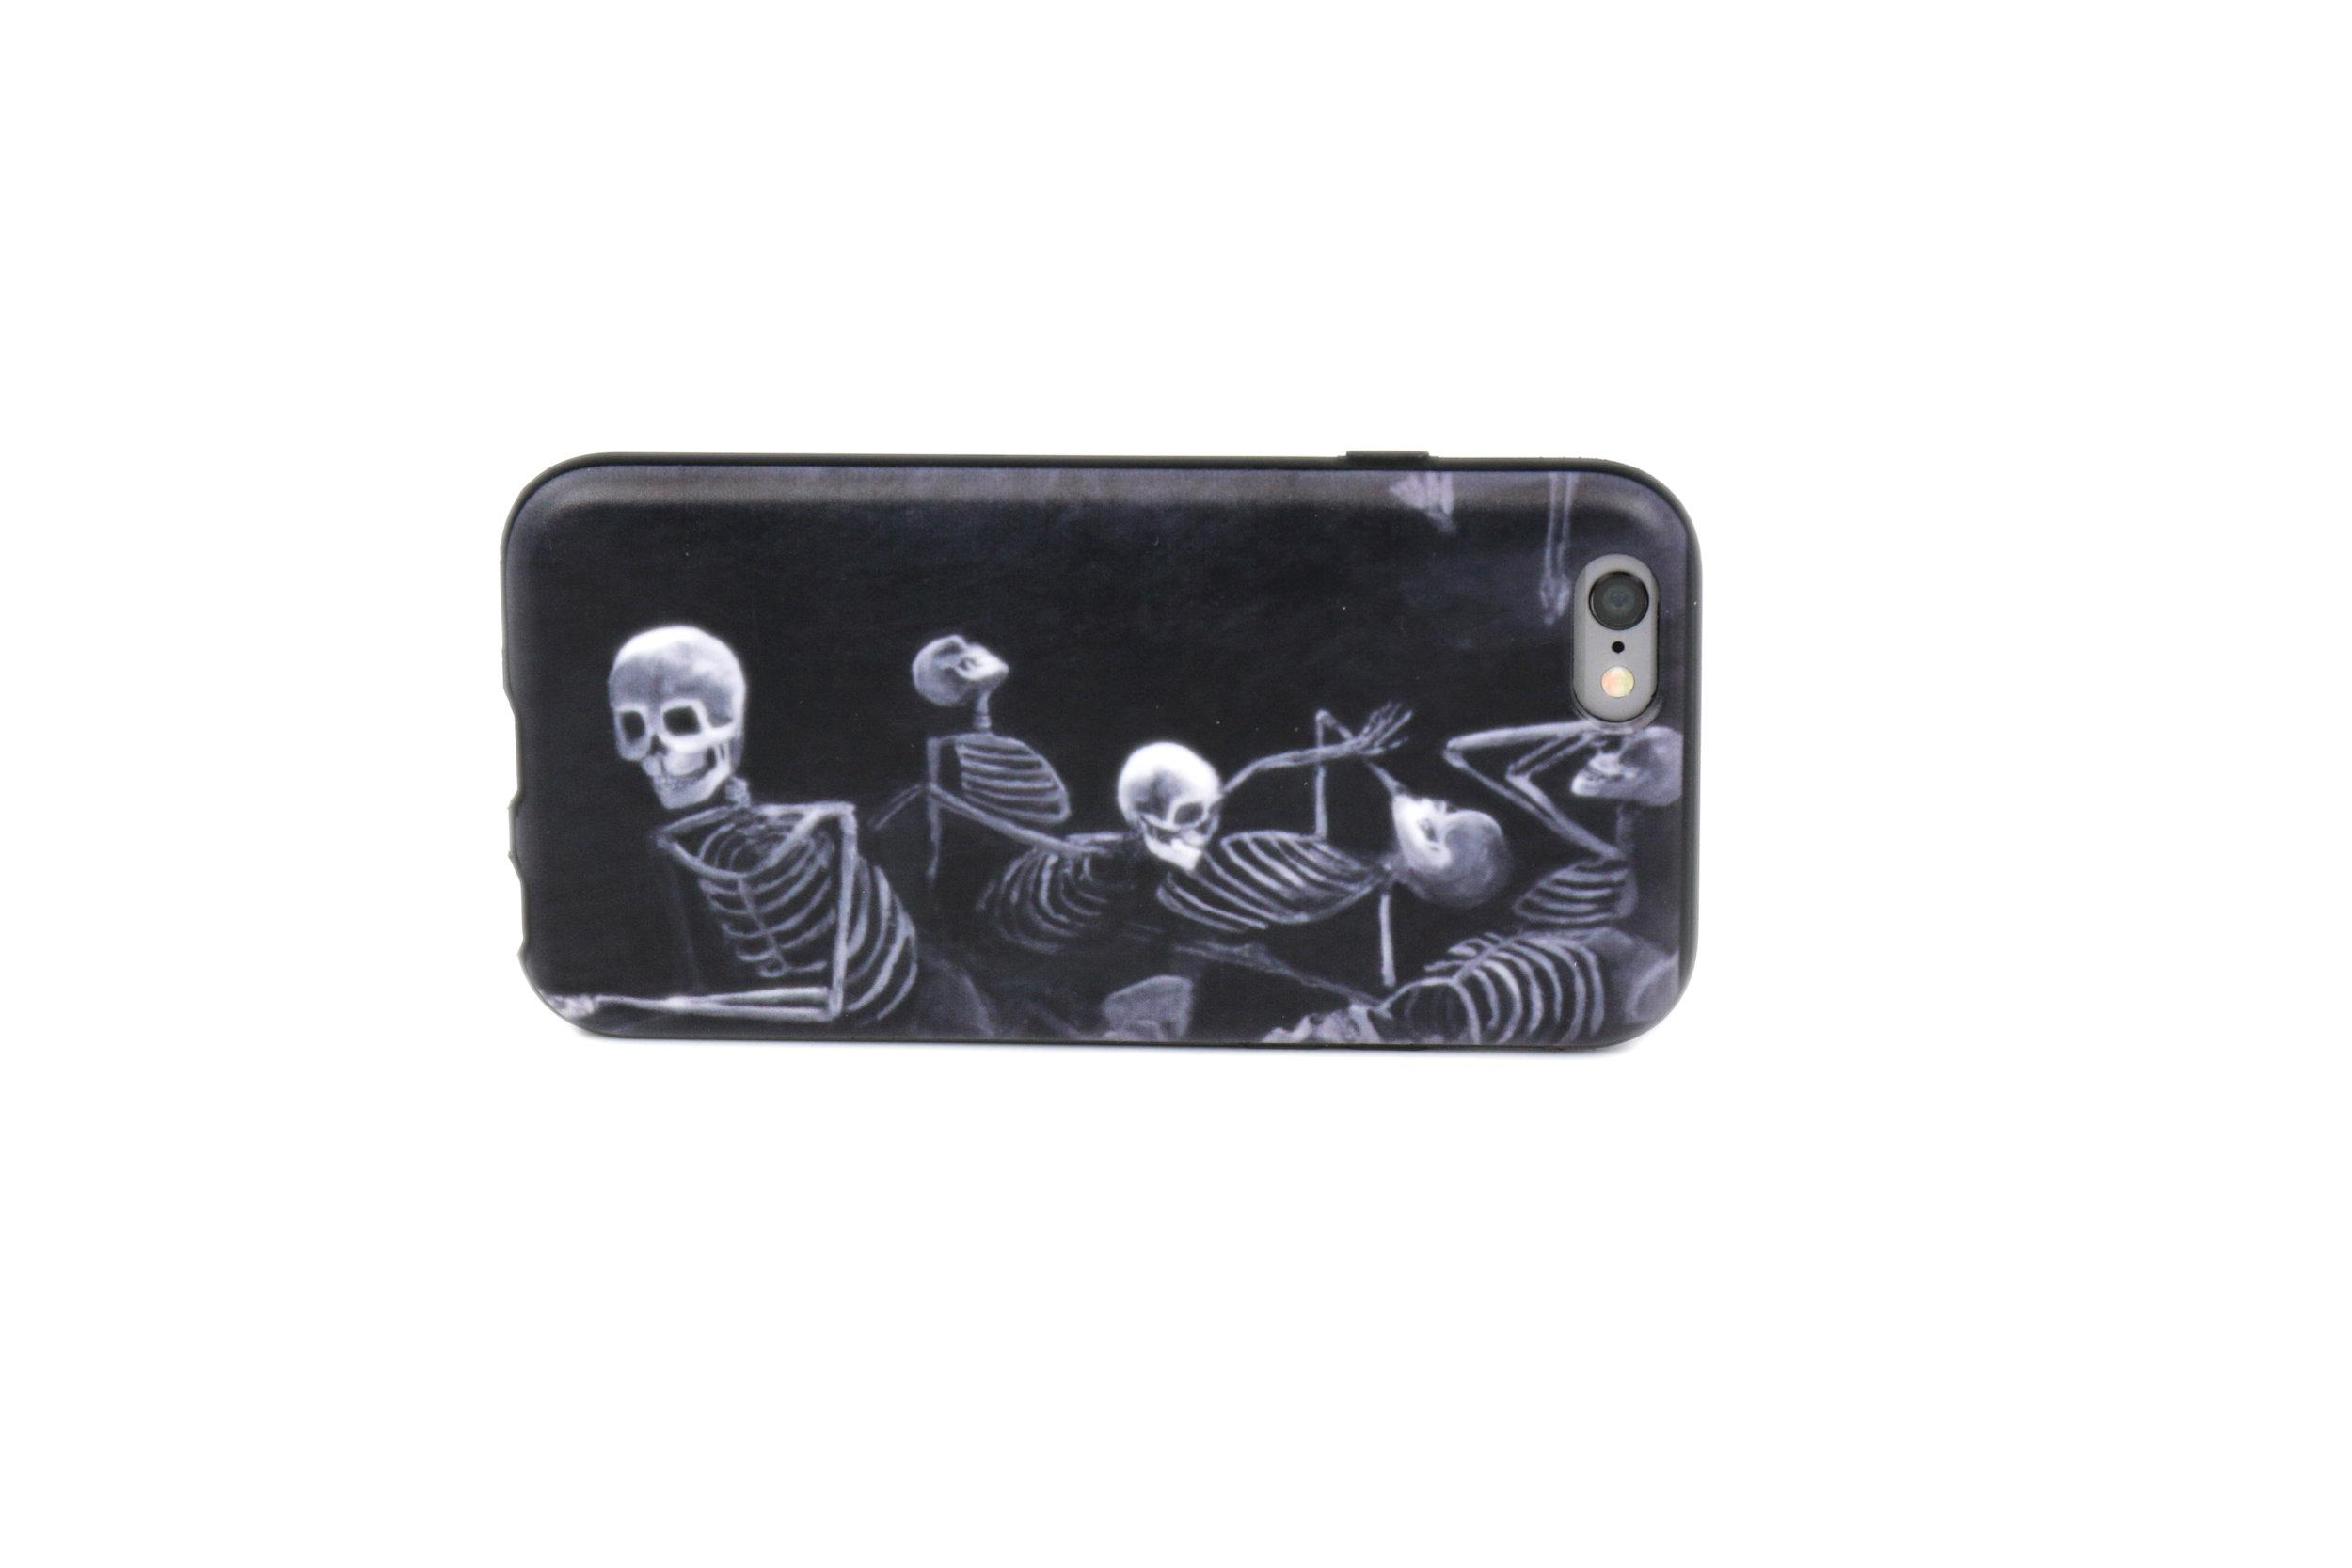 Anderson_Skeleton-phone_case.jpg